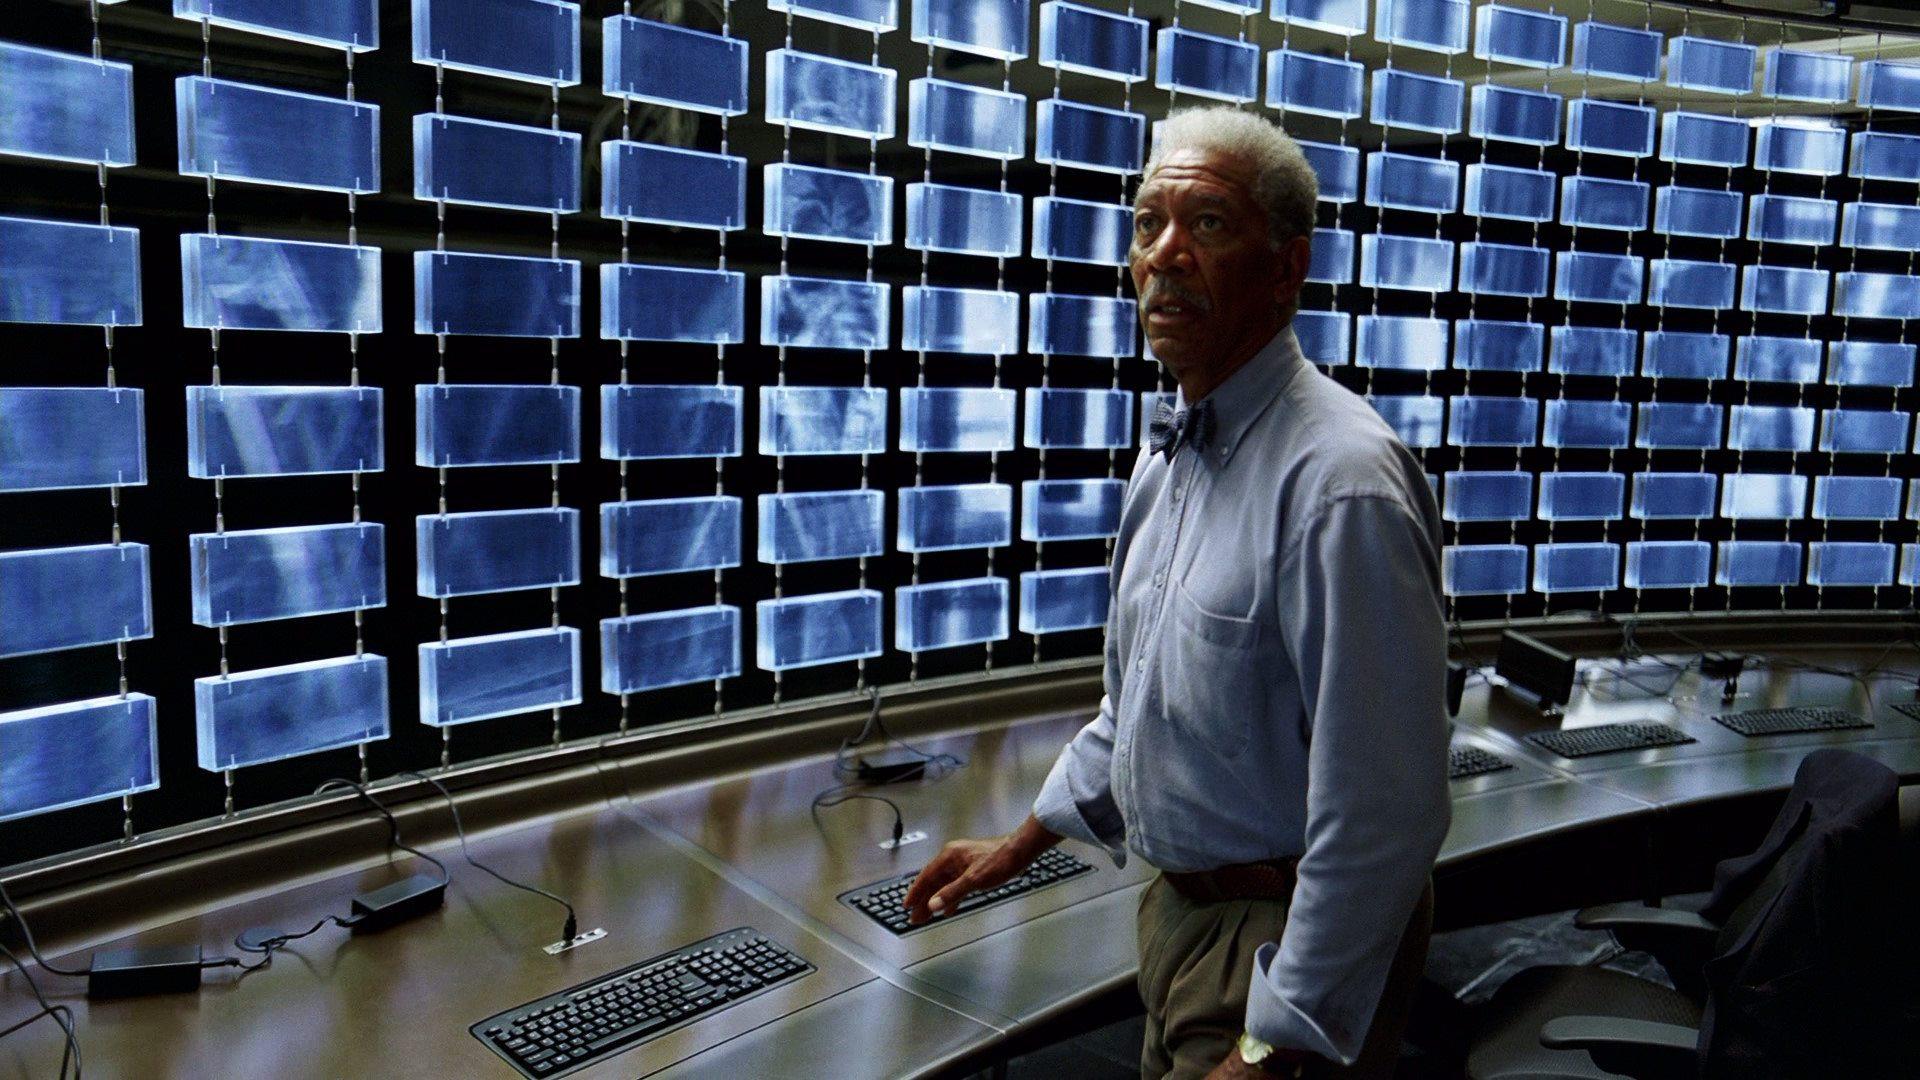 Lucius in sonar room